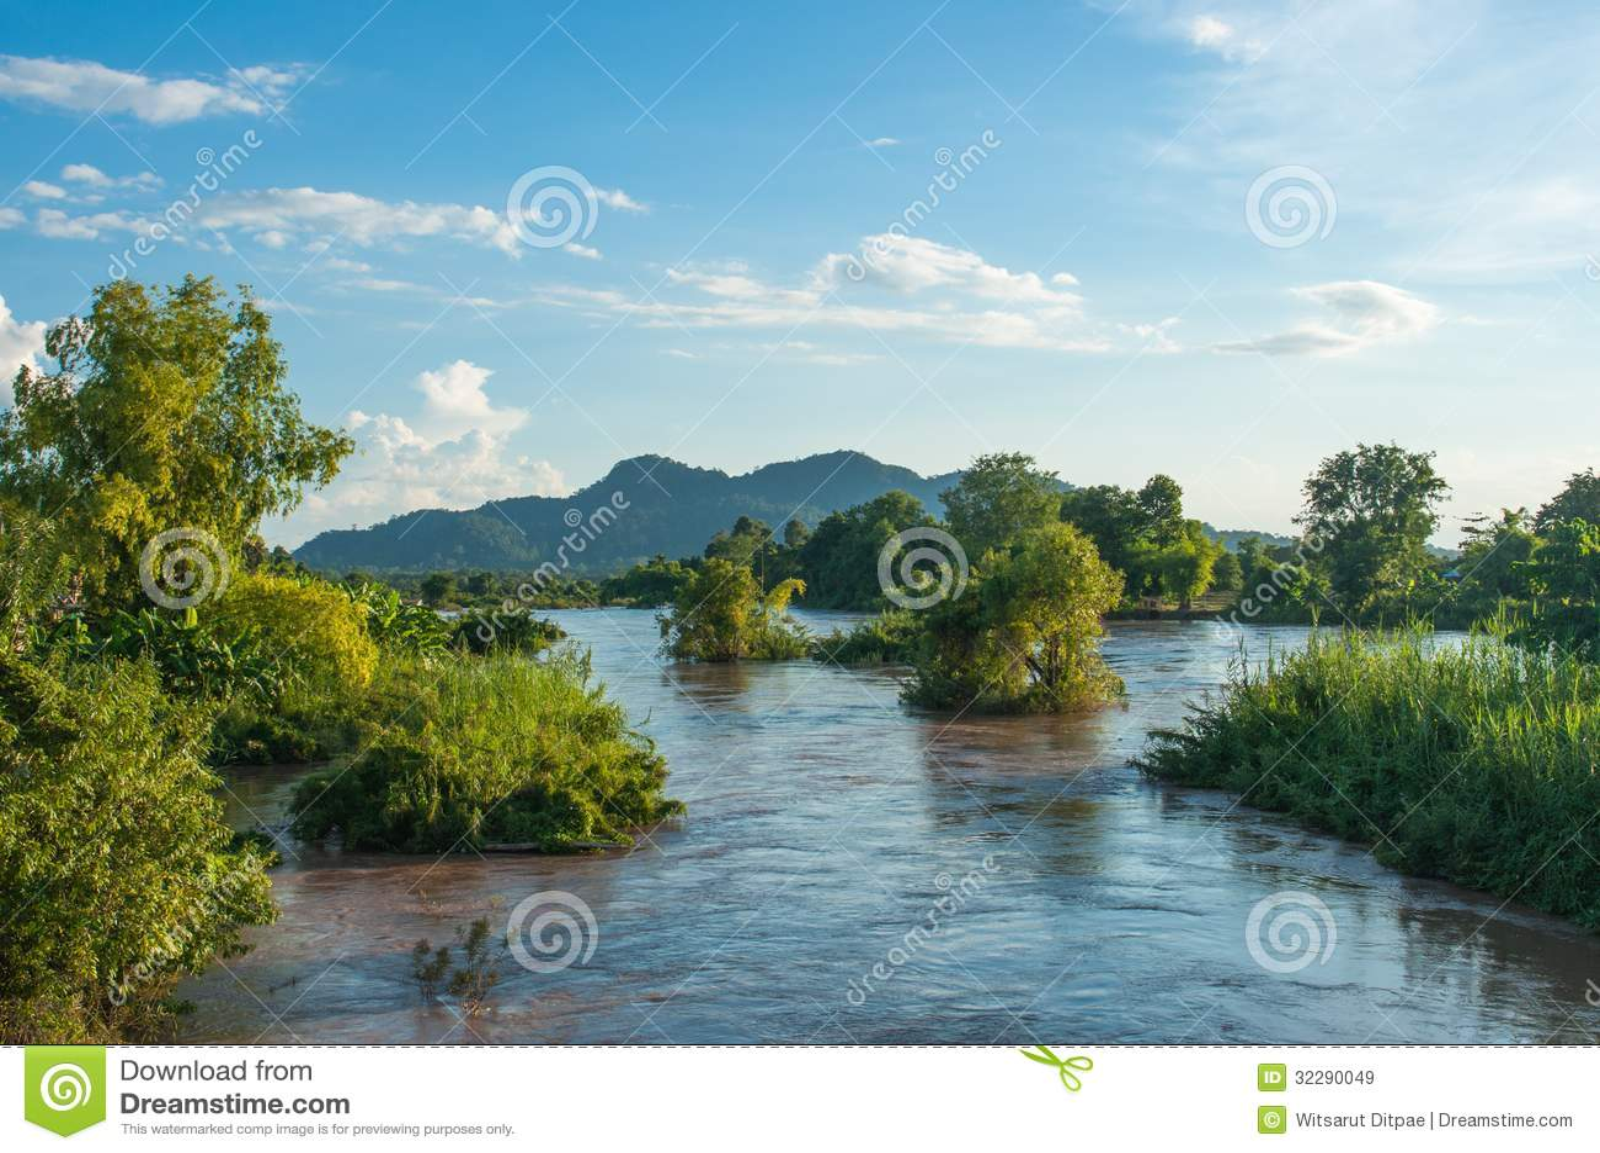 Mekhong River and Many Island at Don Khone